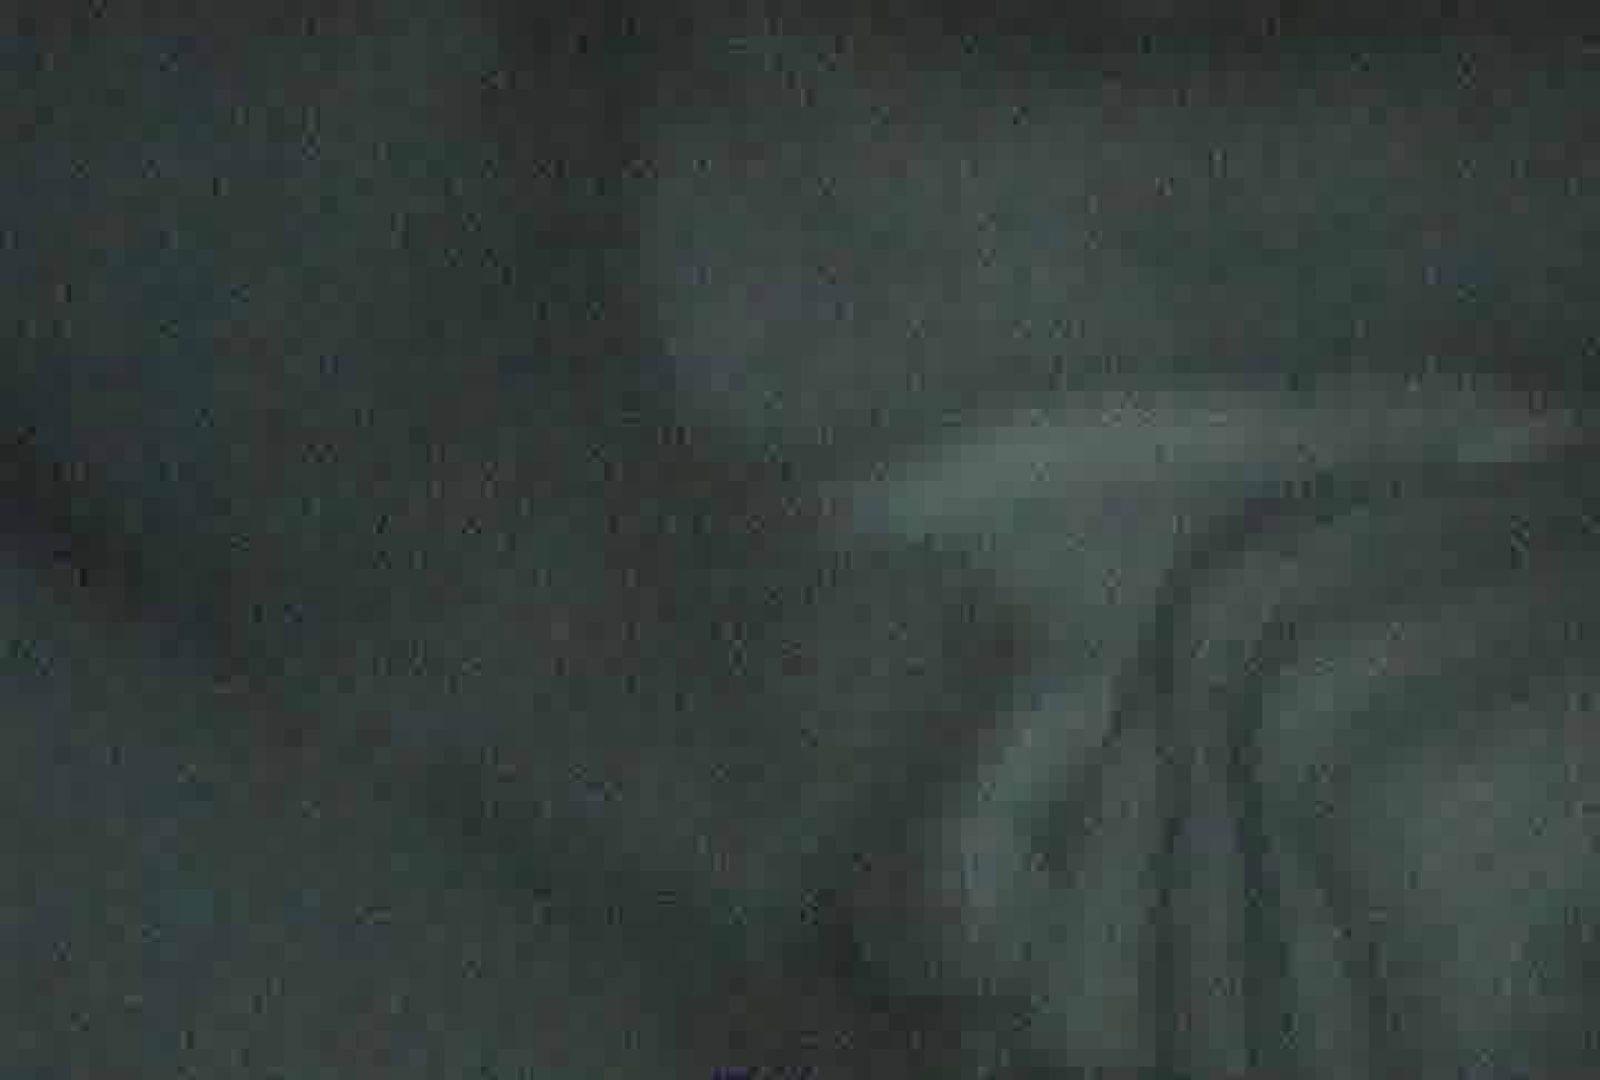 充血監督の深夜の運動会Vol.68 カップルもろsex セックス画像 98PICs 27